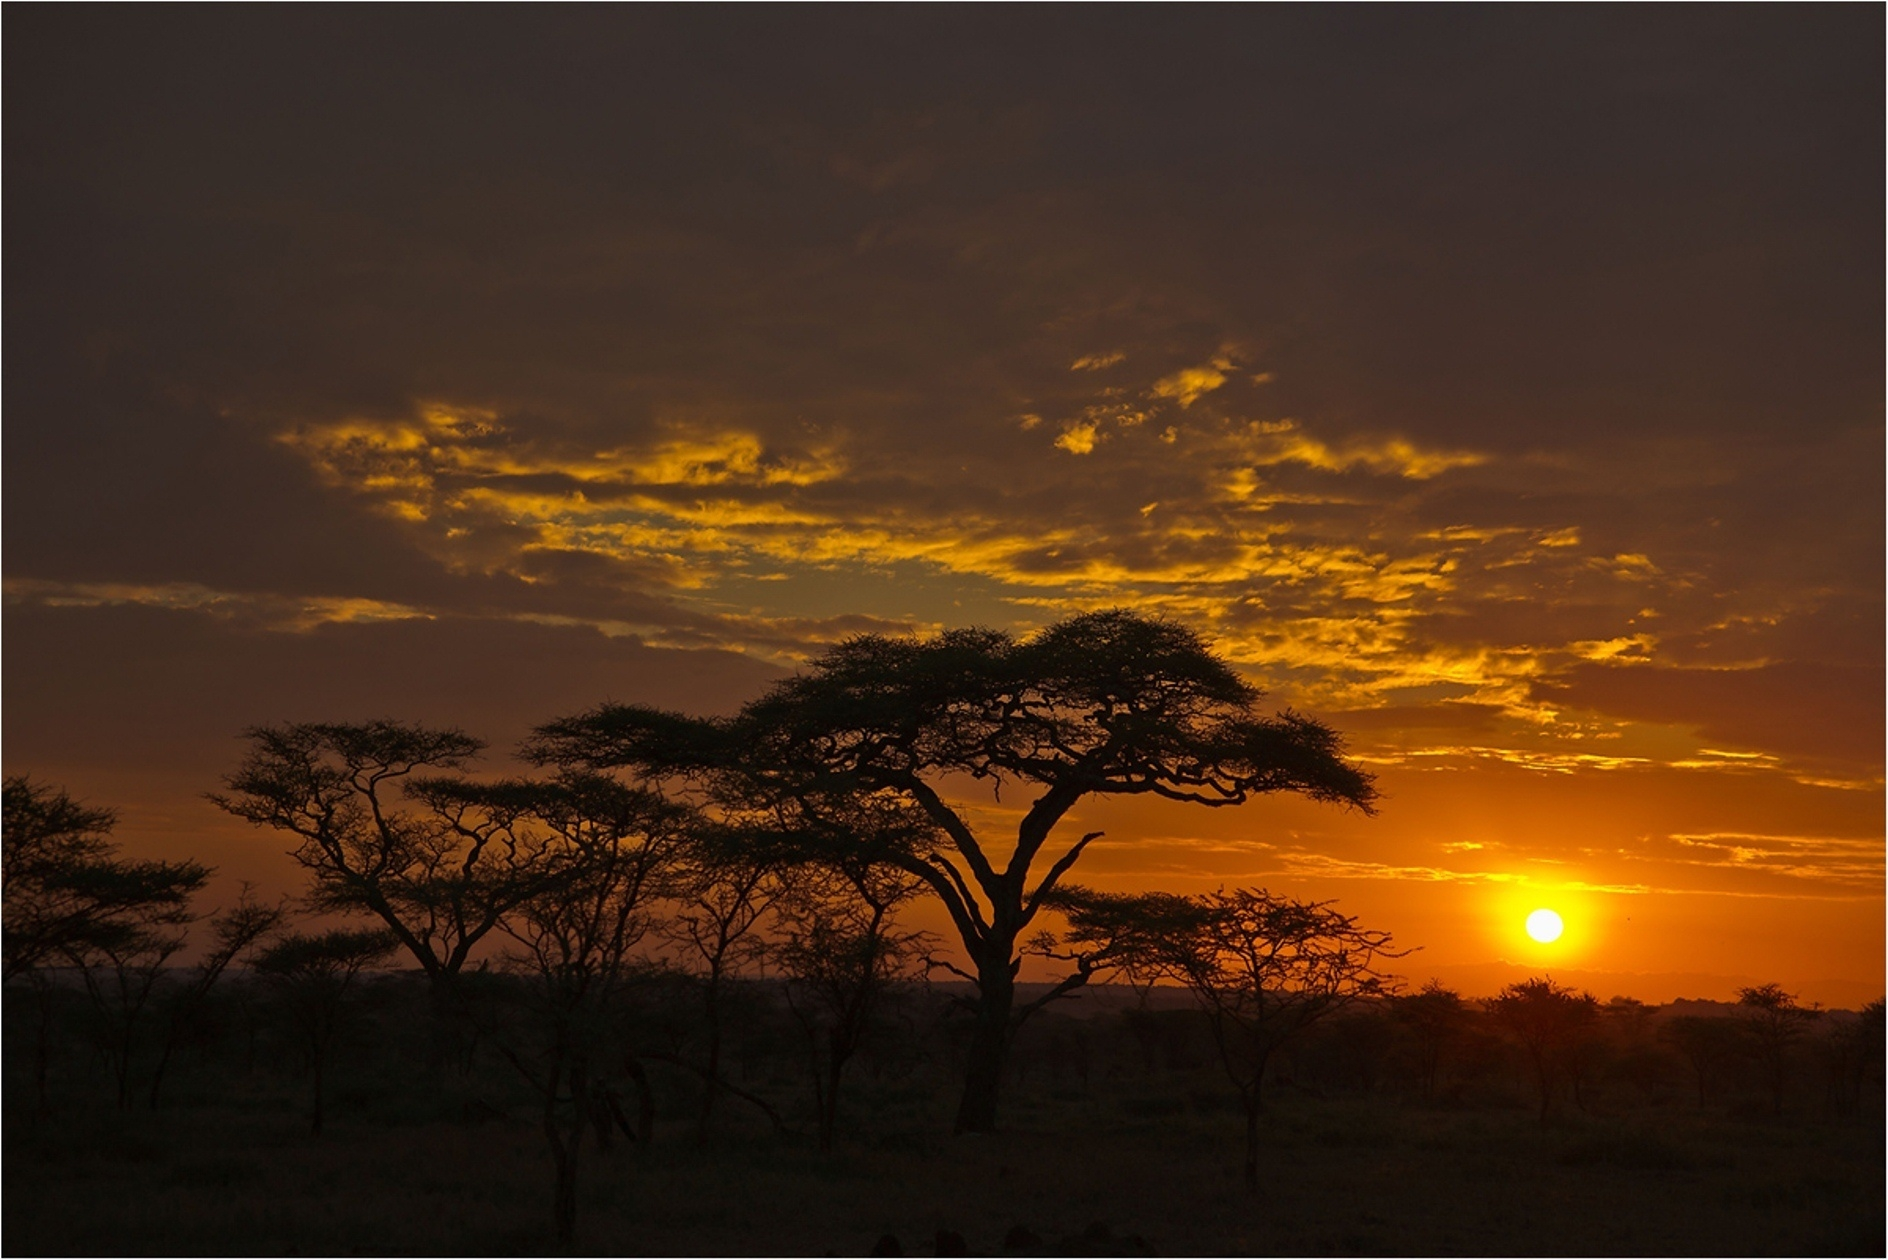 Скачать картинку Облака, Оранжевый, Вечер, Саванна, Деревья, Природа, Закат в телефон бесплатно.